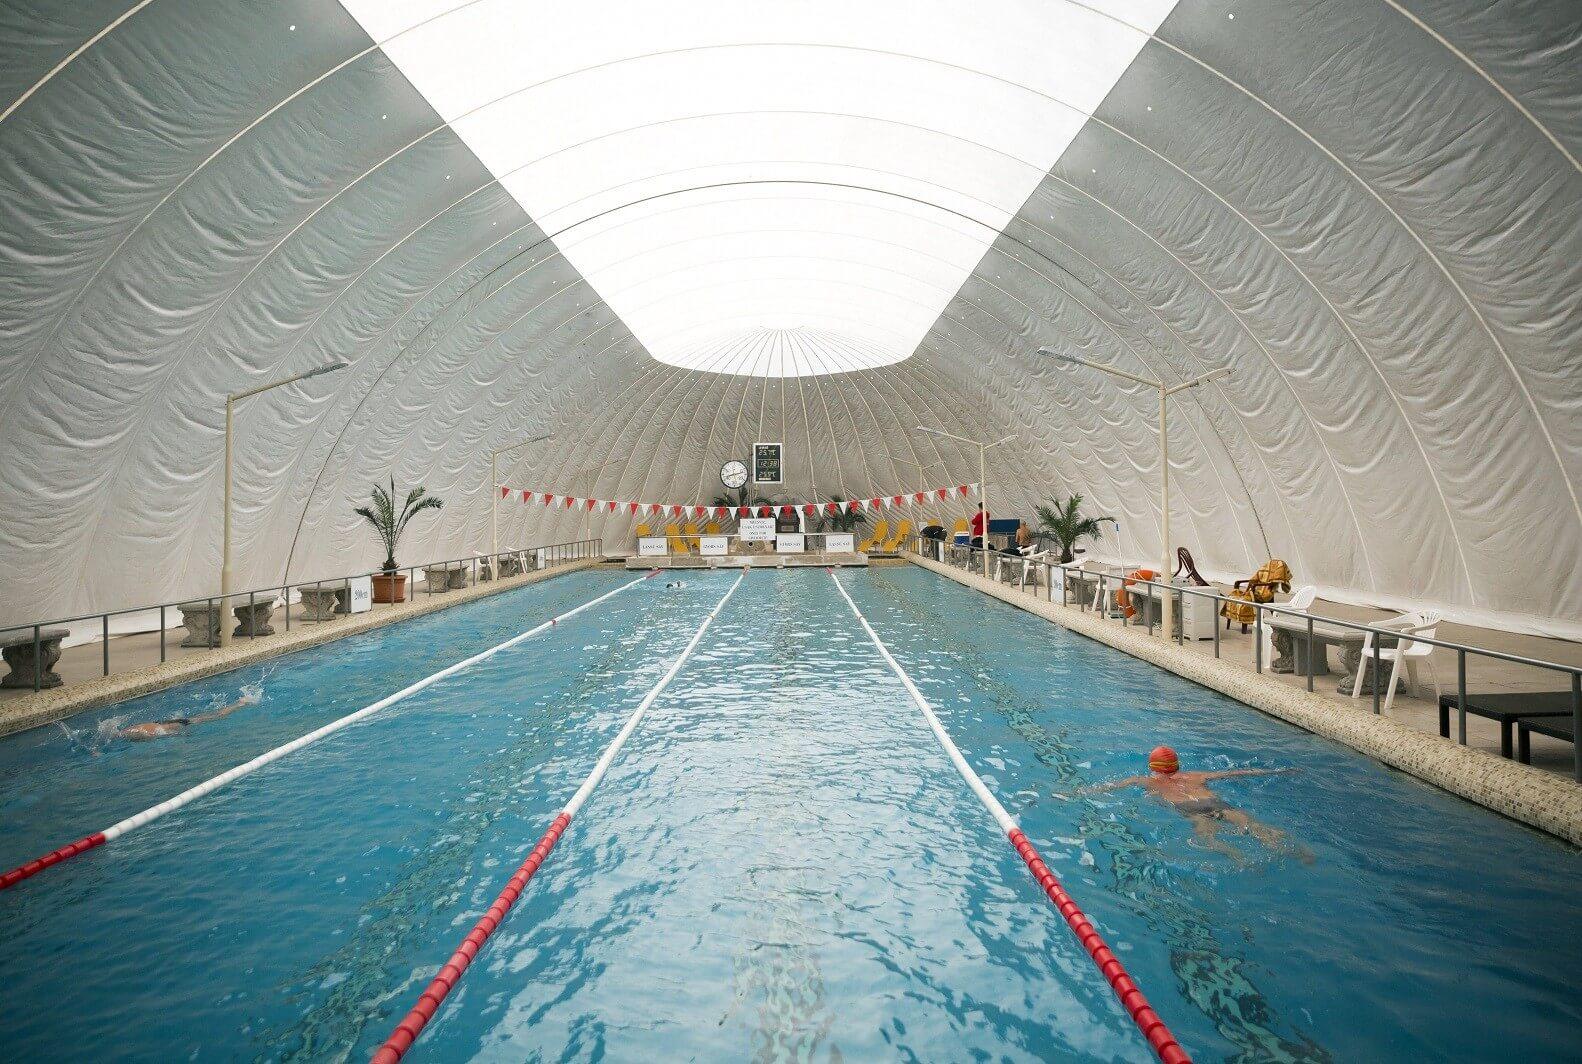 Tizenegy medencével, hétezer négyzetméteren nyit jövőre Csillaghegy új strandfürdője